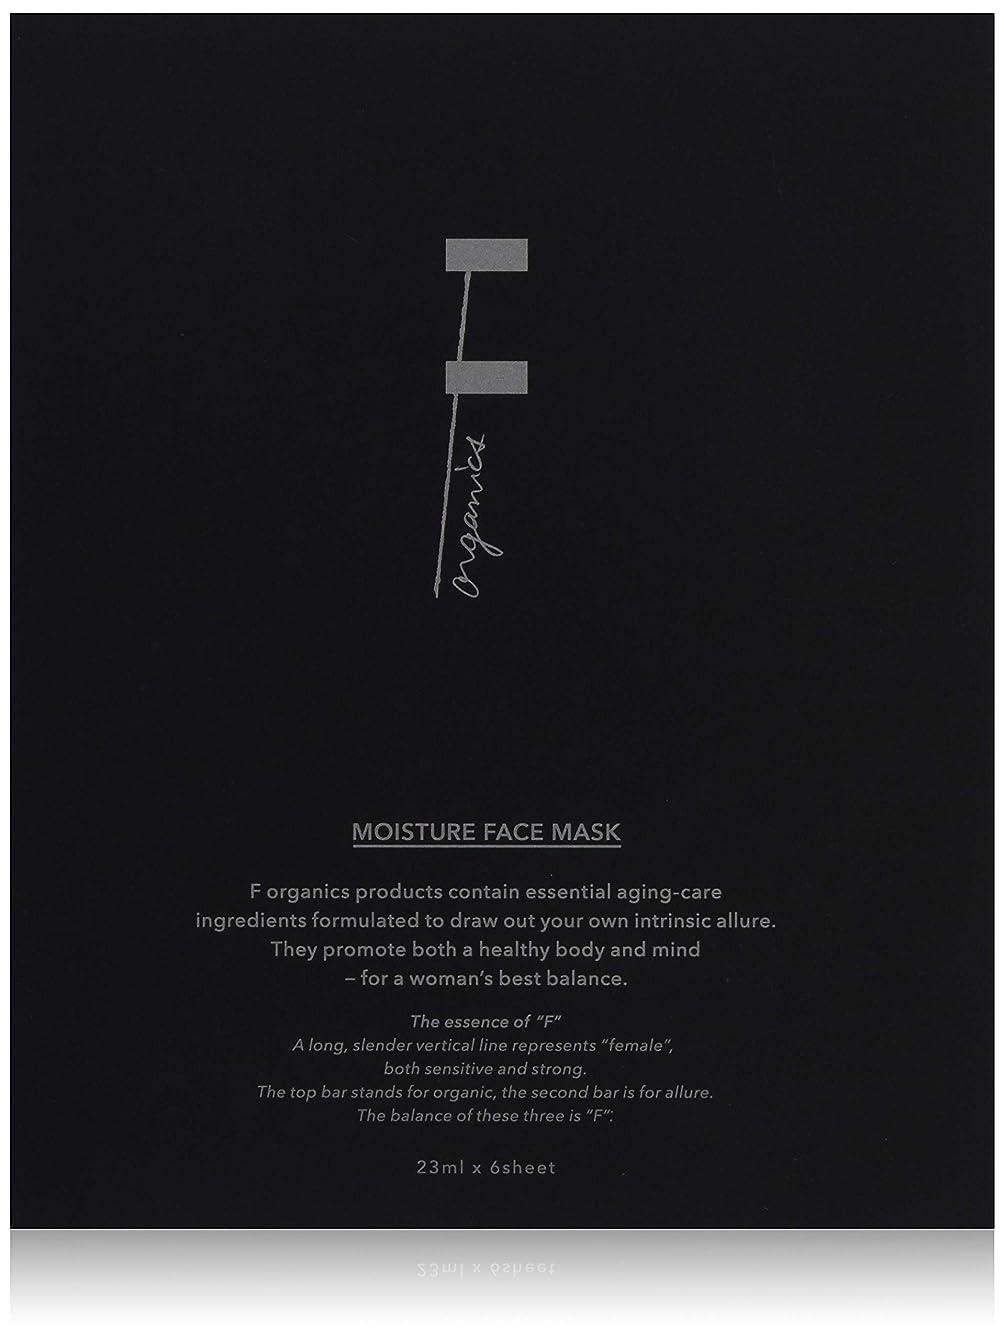 ゲーム衝撃ハミングバードF organics(エッフェオーガニック) モイスチャーフェイスマスク(23ml×6枚入)